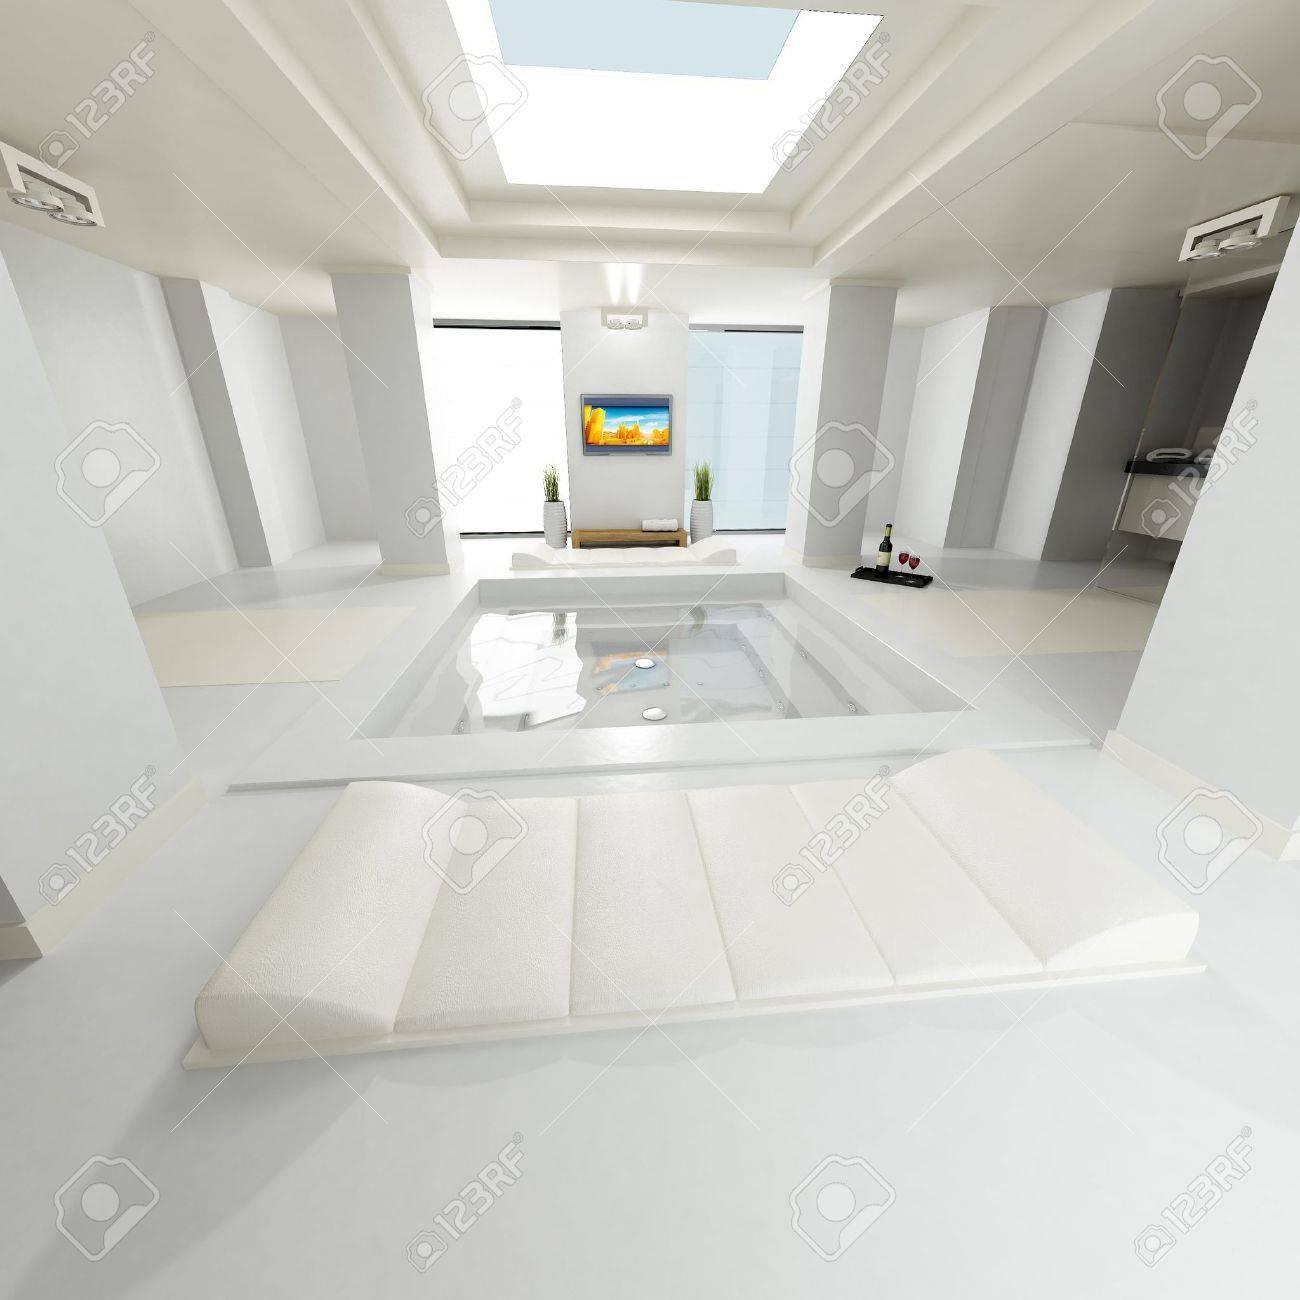 Salle De Bain Avec Tele ~ immense salle de bains luxueuse avec plafond ouvert lcd tv